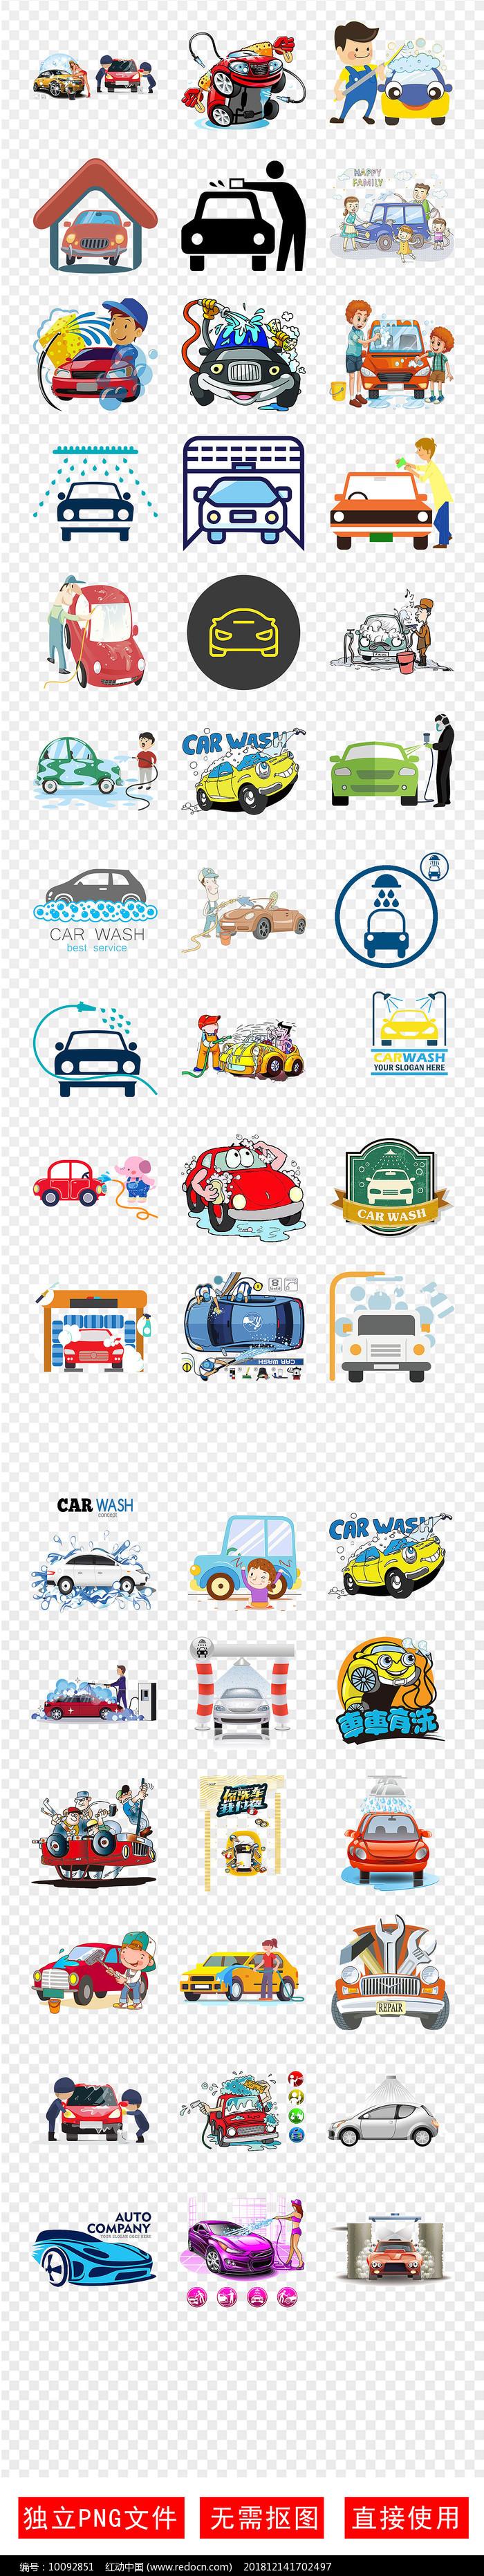 洗车汽车美容互联网服务素材